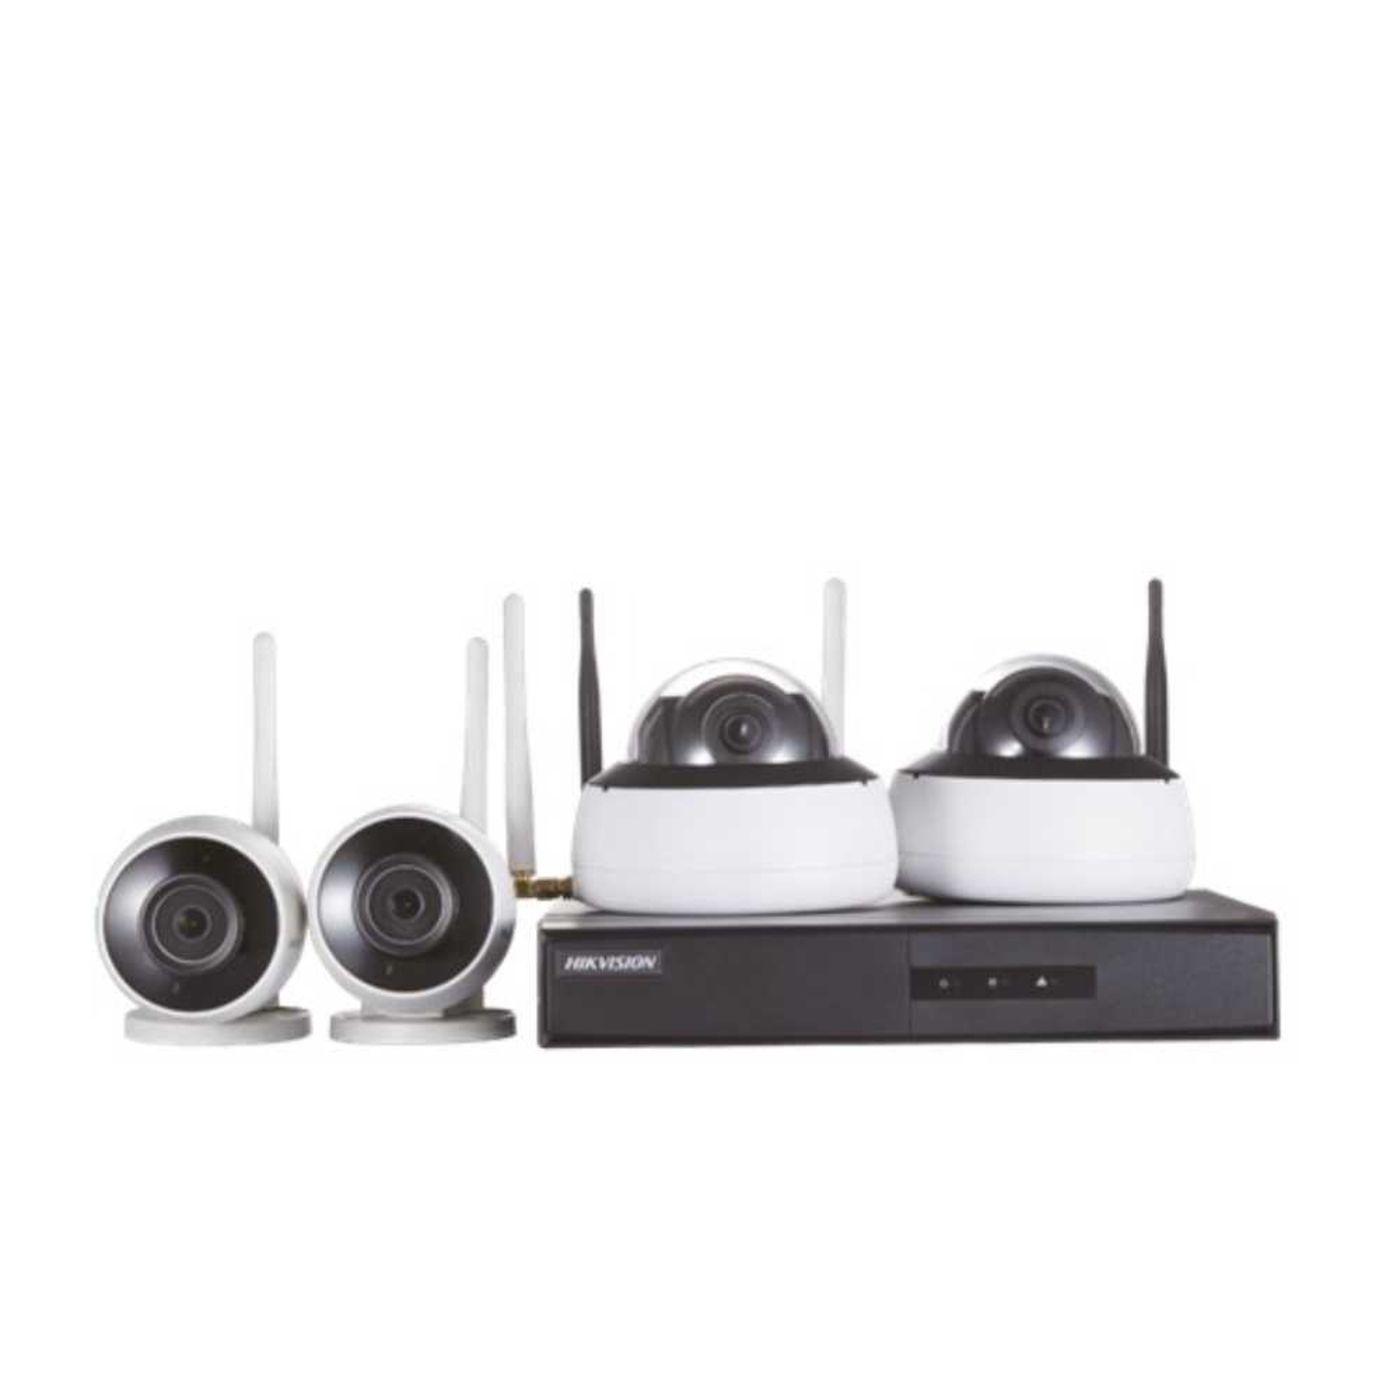 Kit de Monitoramento Hikvision NVR + 2 B1 E 2 D1 WIFI